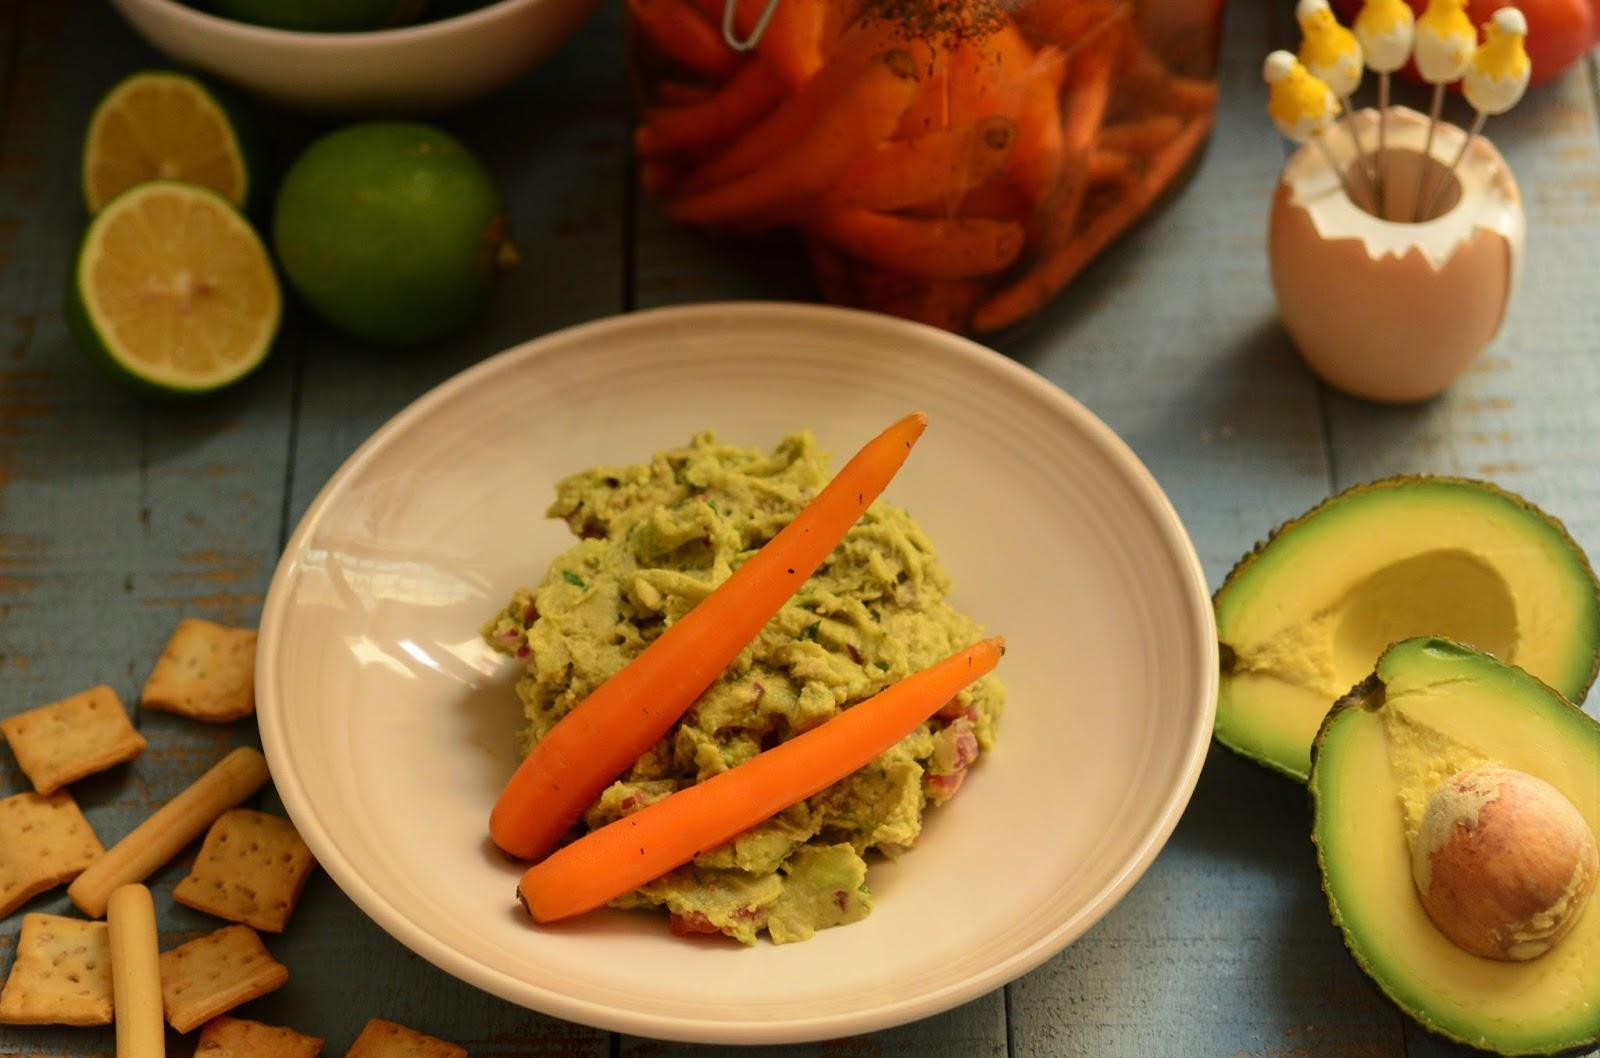 Zanahorias encurtidas con guacamole casero cuchillito y tenedor - Encurtido de zanahoria ...